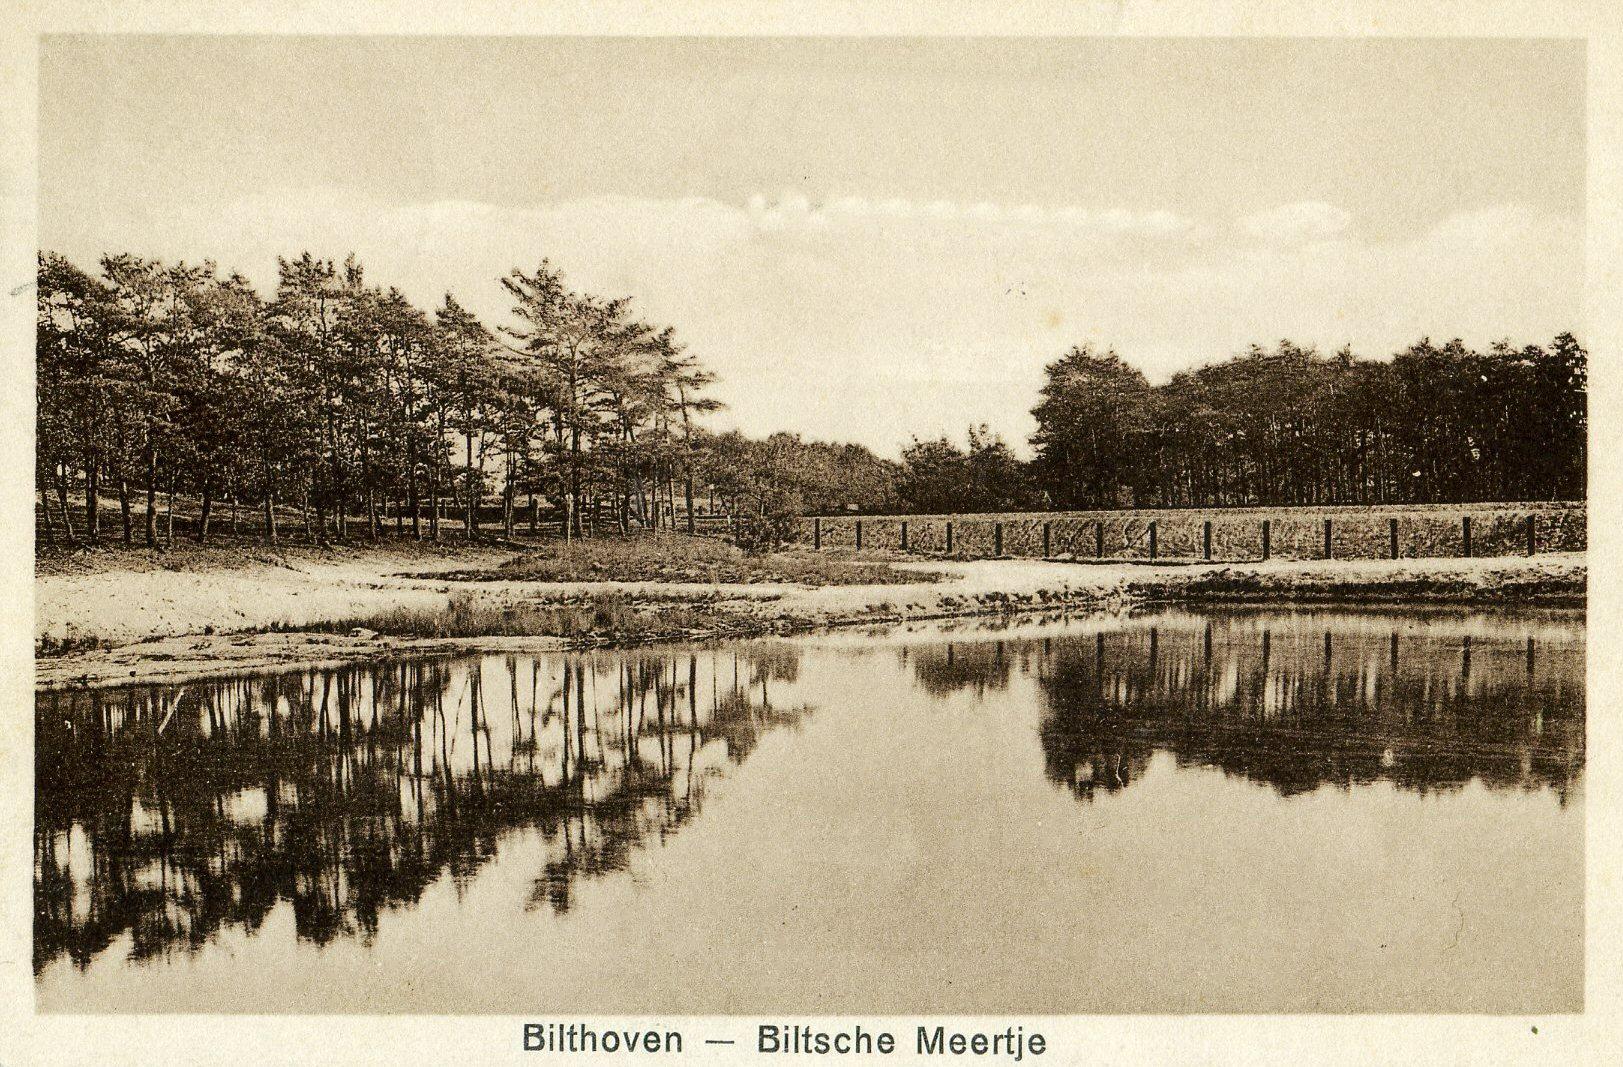 1926 Het oude Biltsche Meertje